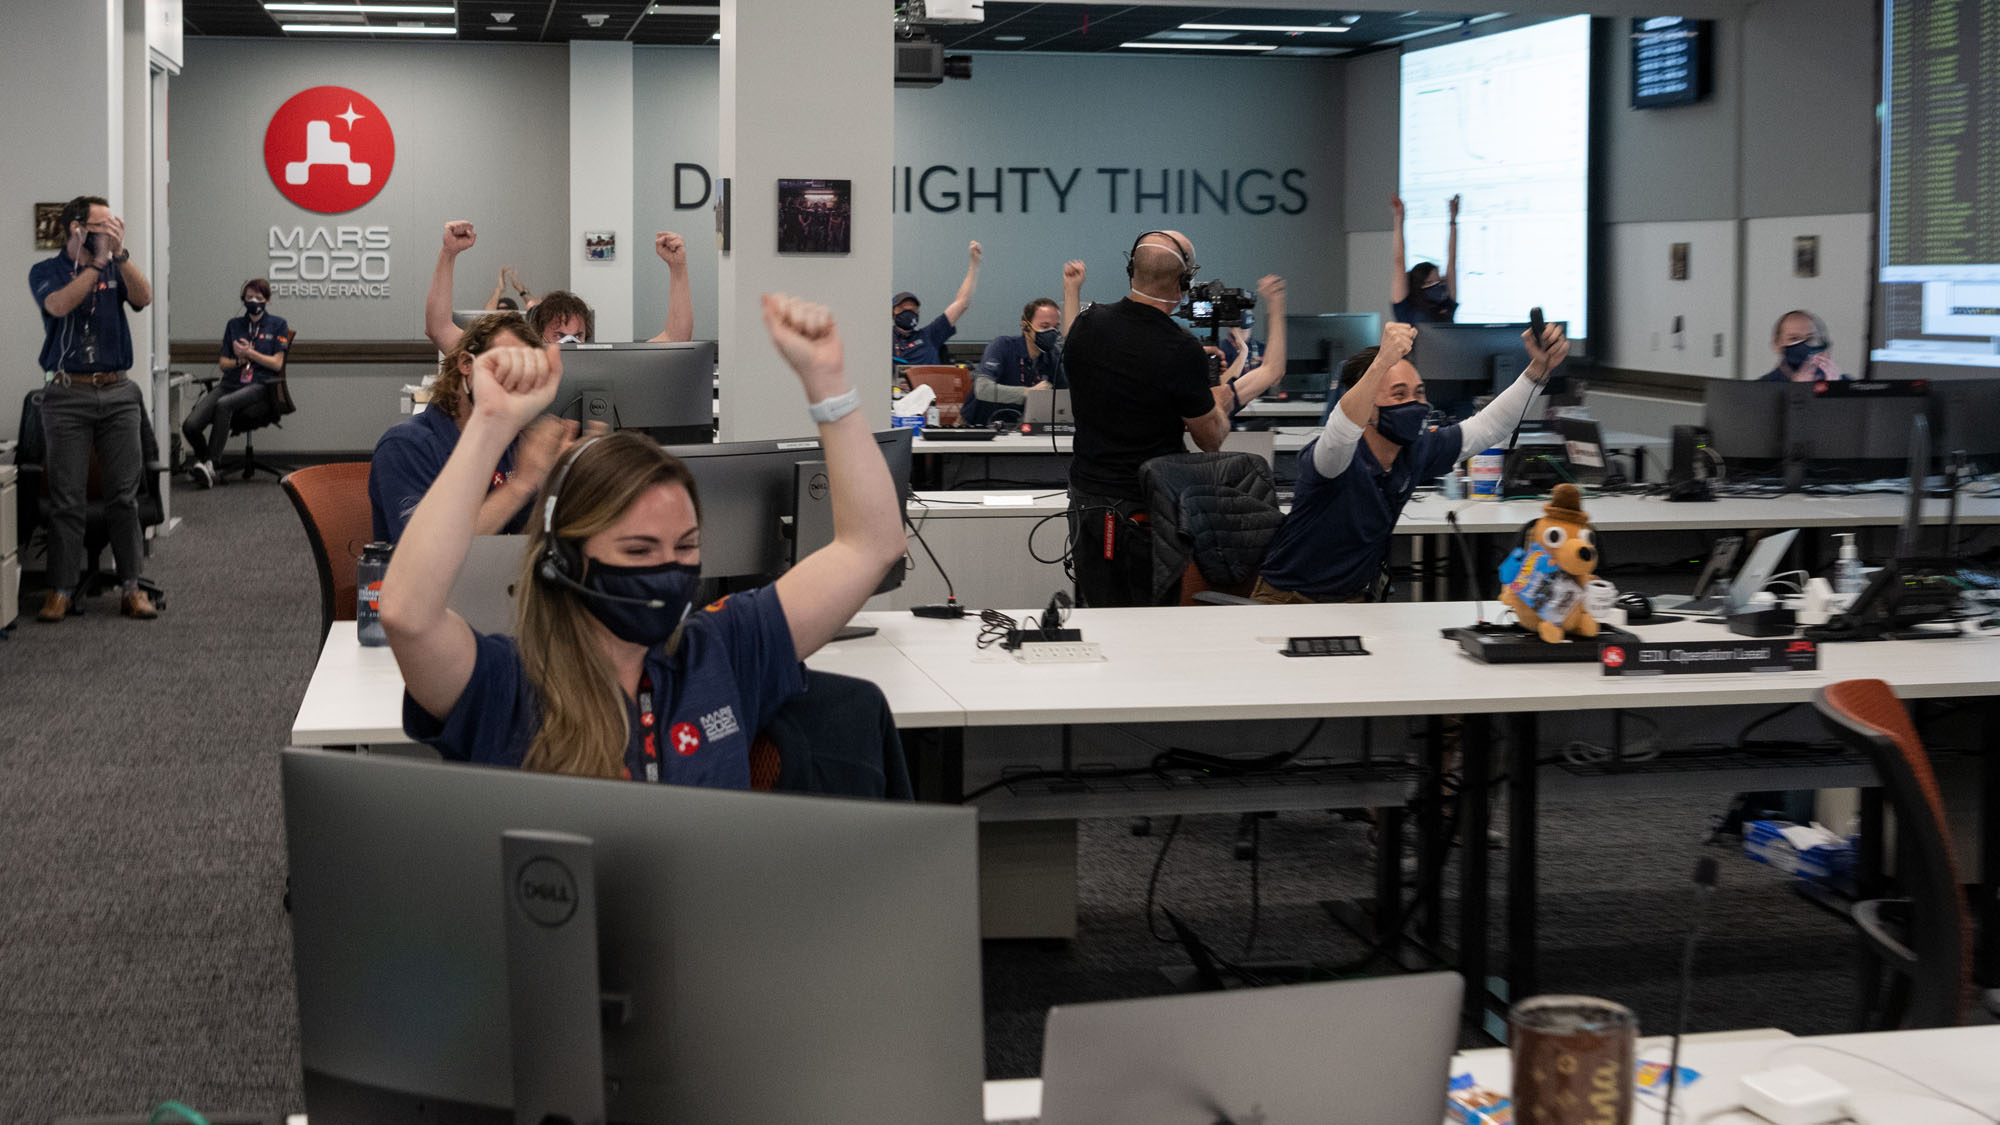 Dans une zone de soutien à la mission du Jet Propulsion Laboratory de la NASA en Californie du Sud, les membres de l'équipe Mars 2020 Perseverance ont montré leur joie alors que le vaisseau spatial a réussi une série complexe d'étapes pour atterrir en toute sécurité sur la surface martienne.